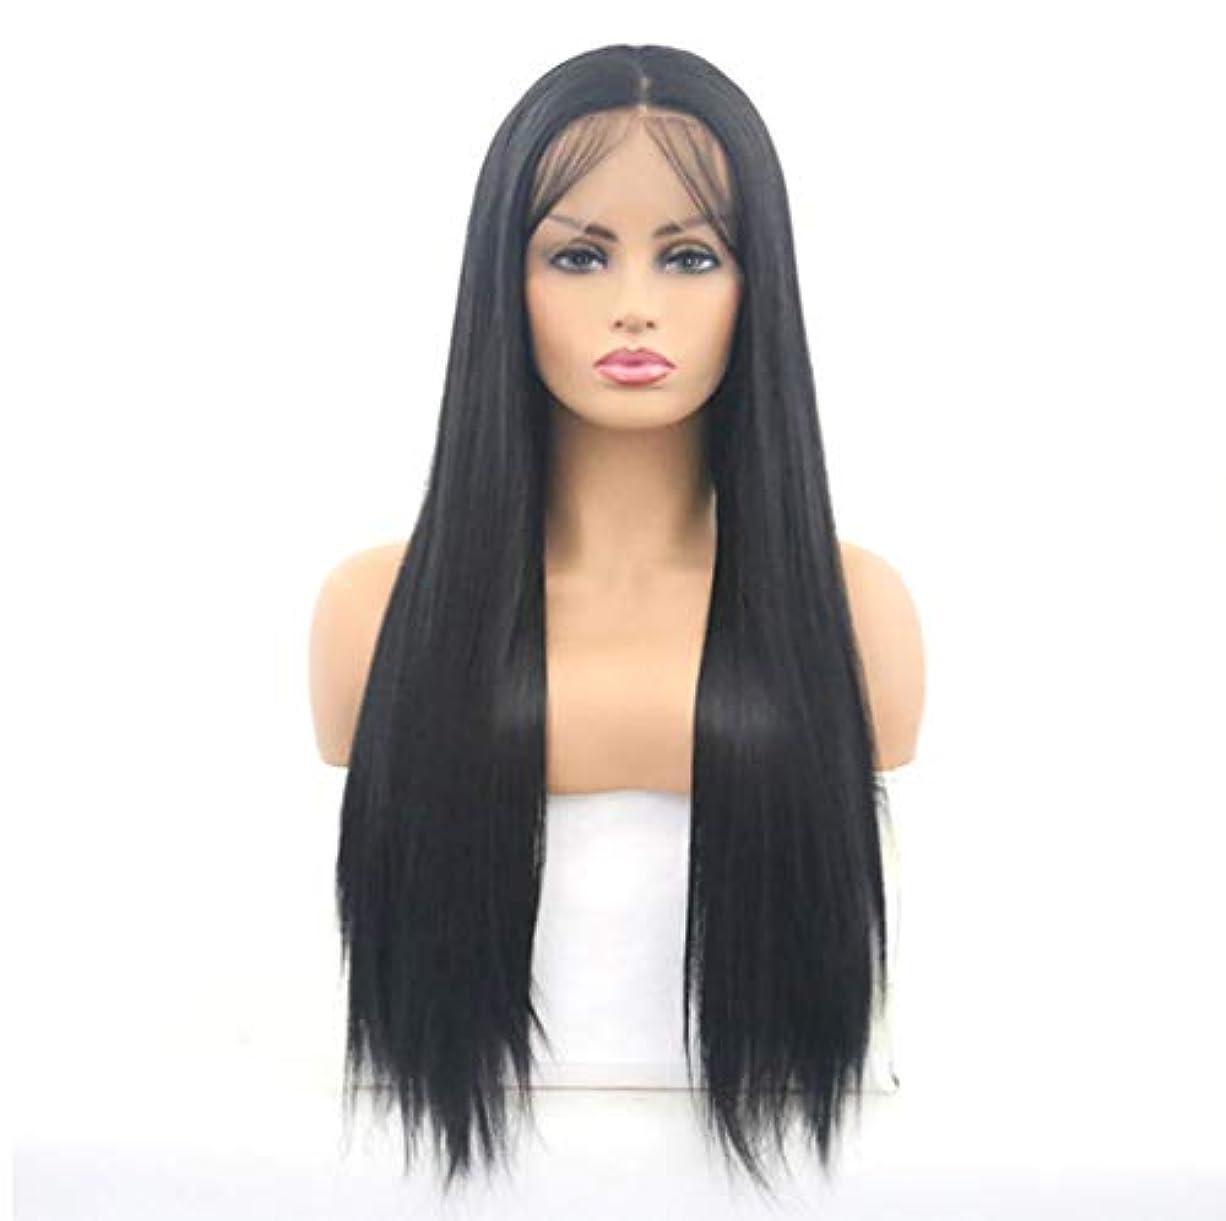 決定支配的サイレント女性レースフロントかつらブラジルレミー人間の髪の毛ストレートレースかつら150%密度ナチュラルブラック26インチ